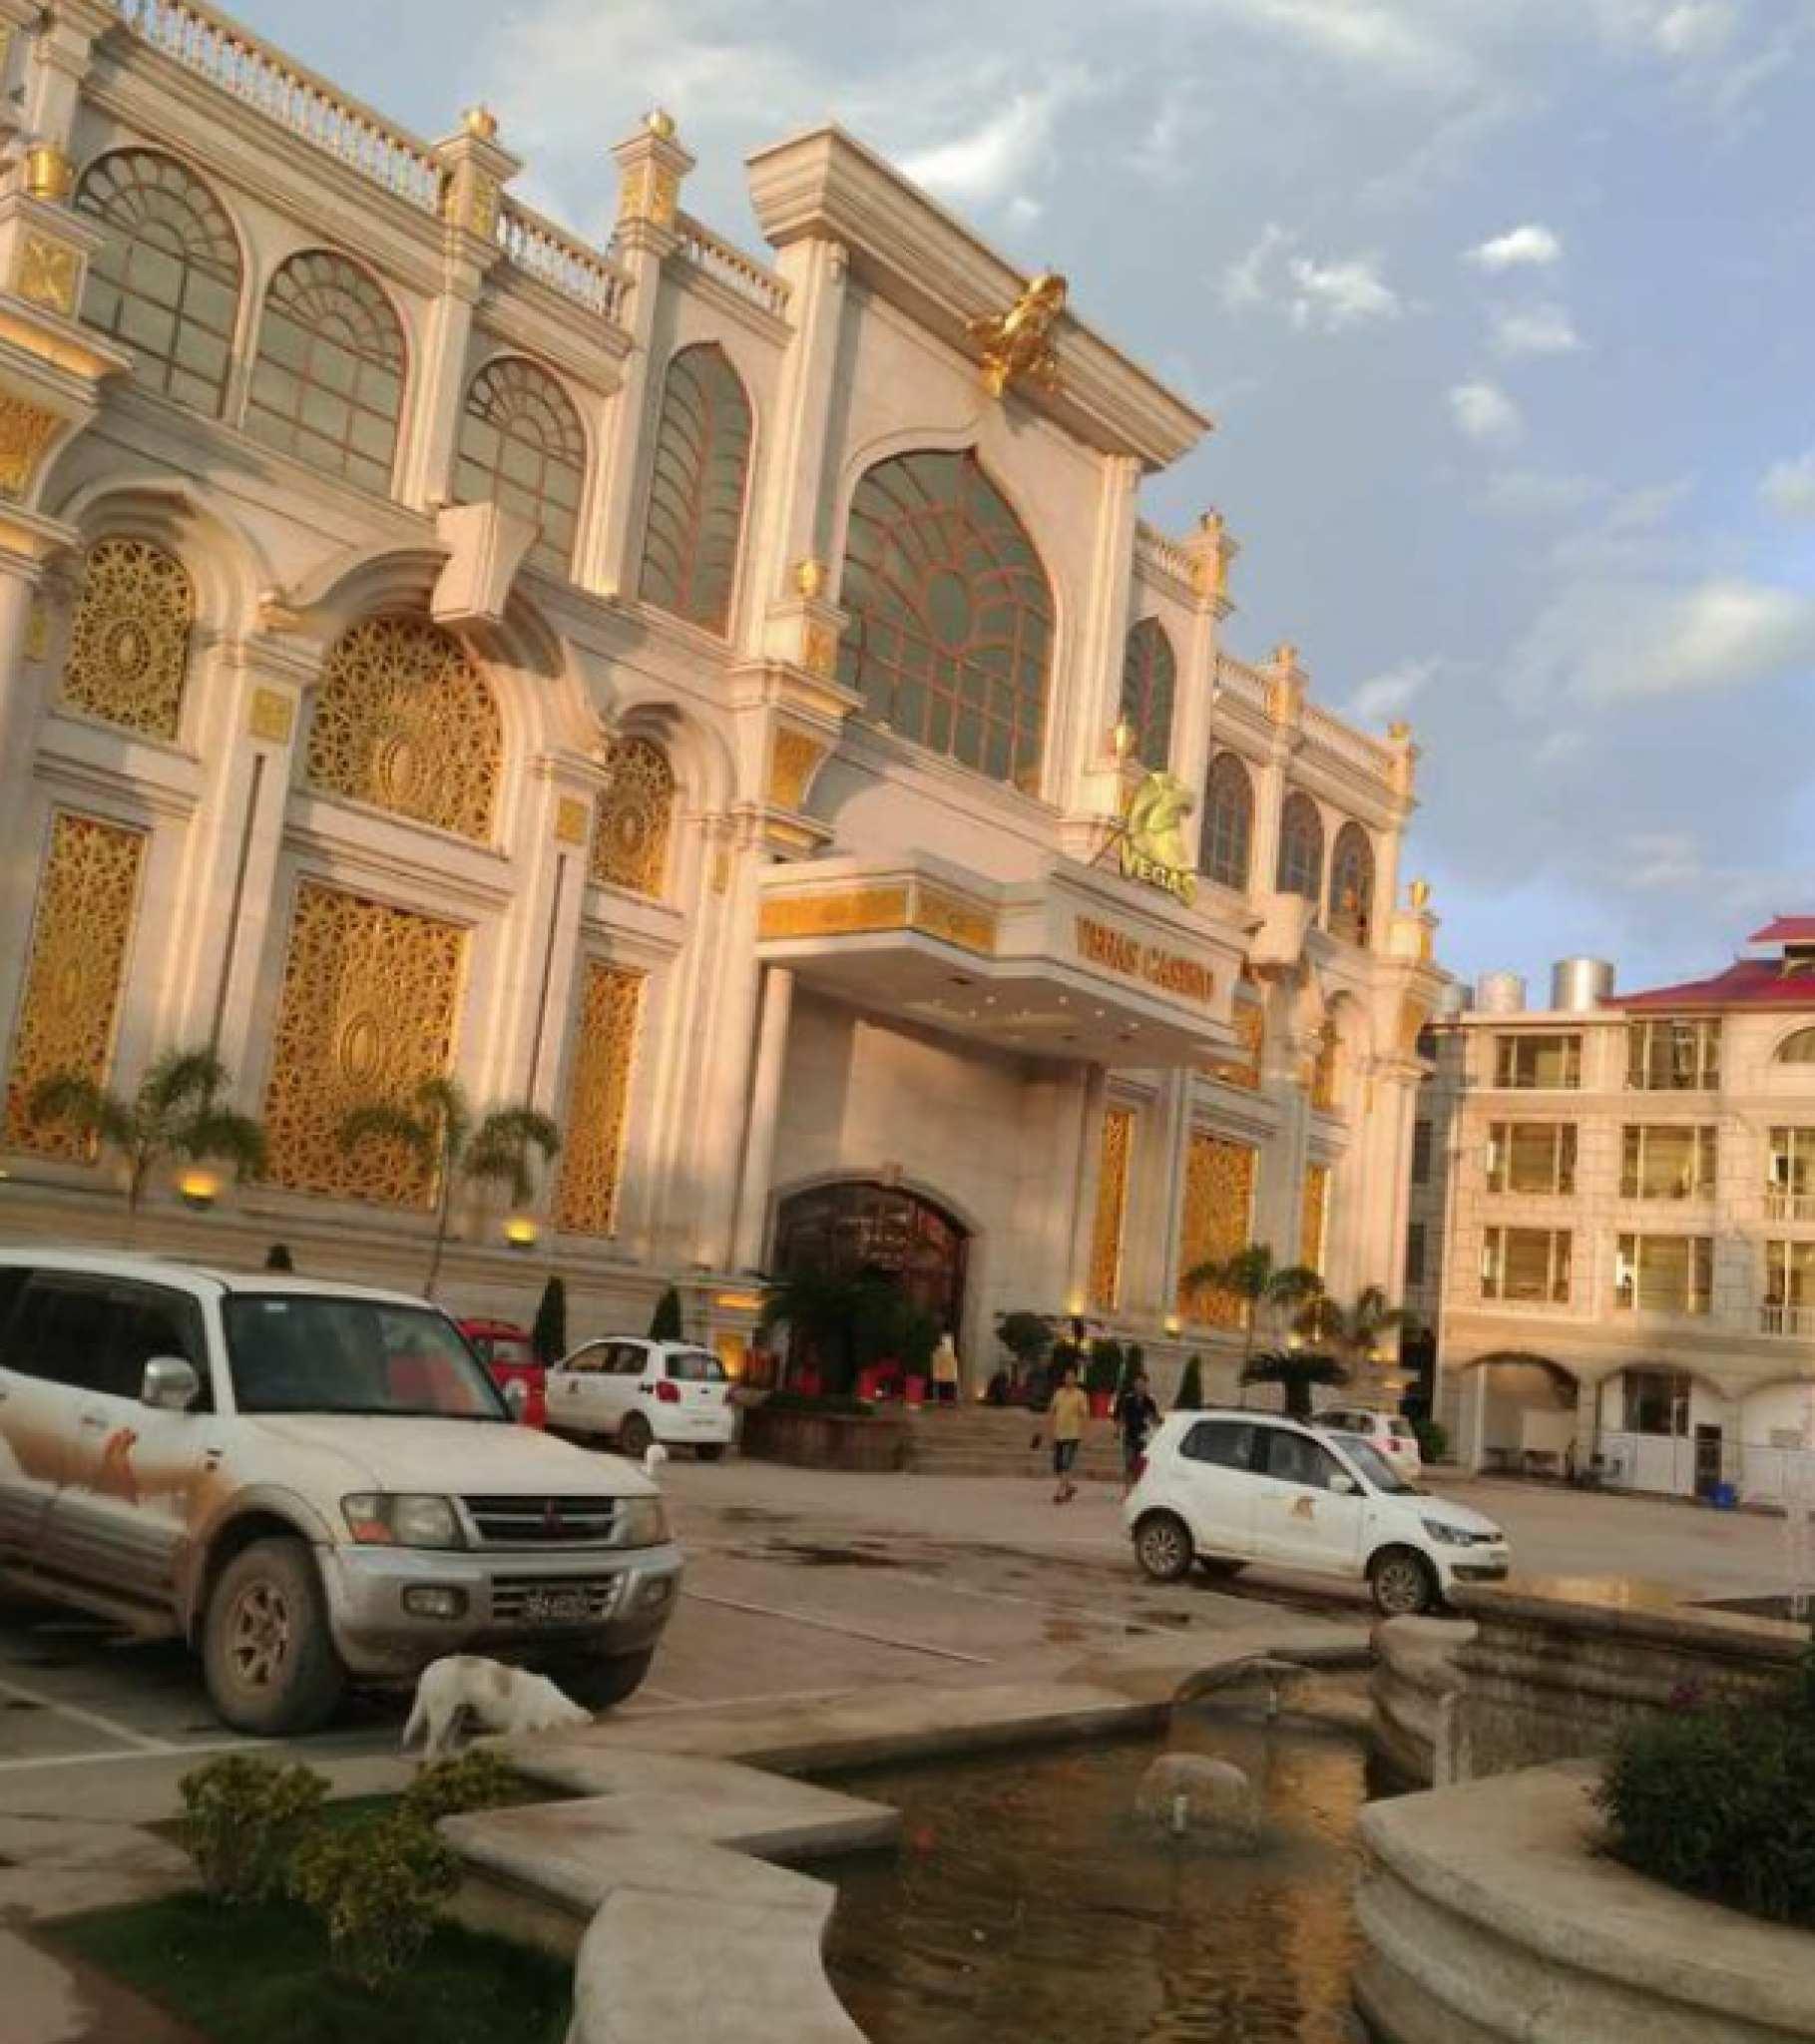 揭秘缅甸维加斯国际十大旅游景点